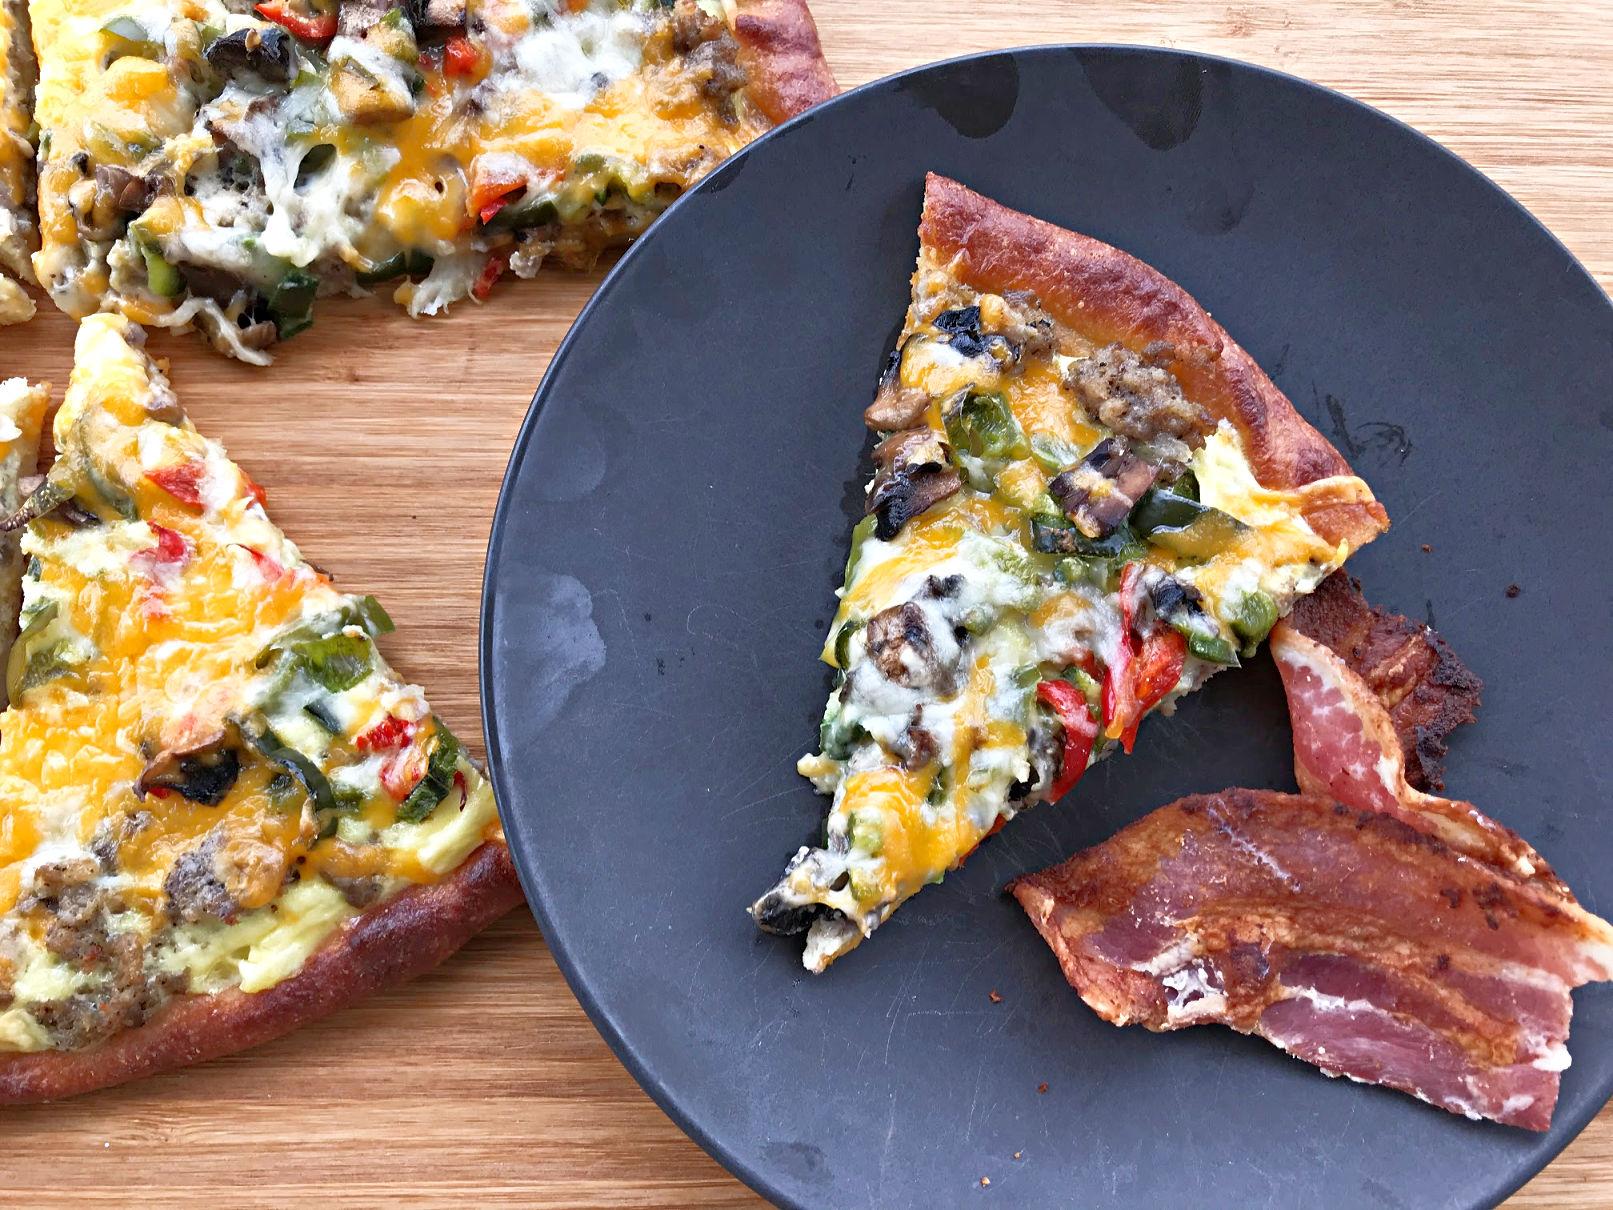 Keto Breakfast Pizza with Fathead Dough